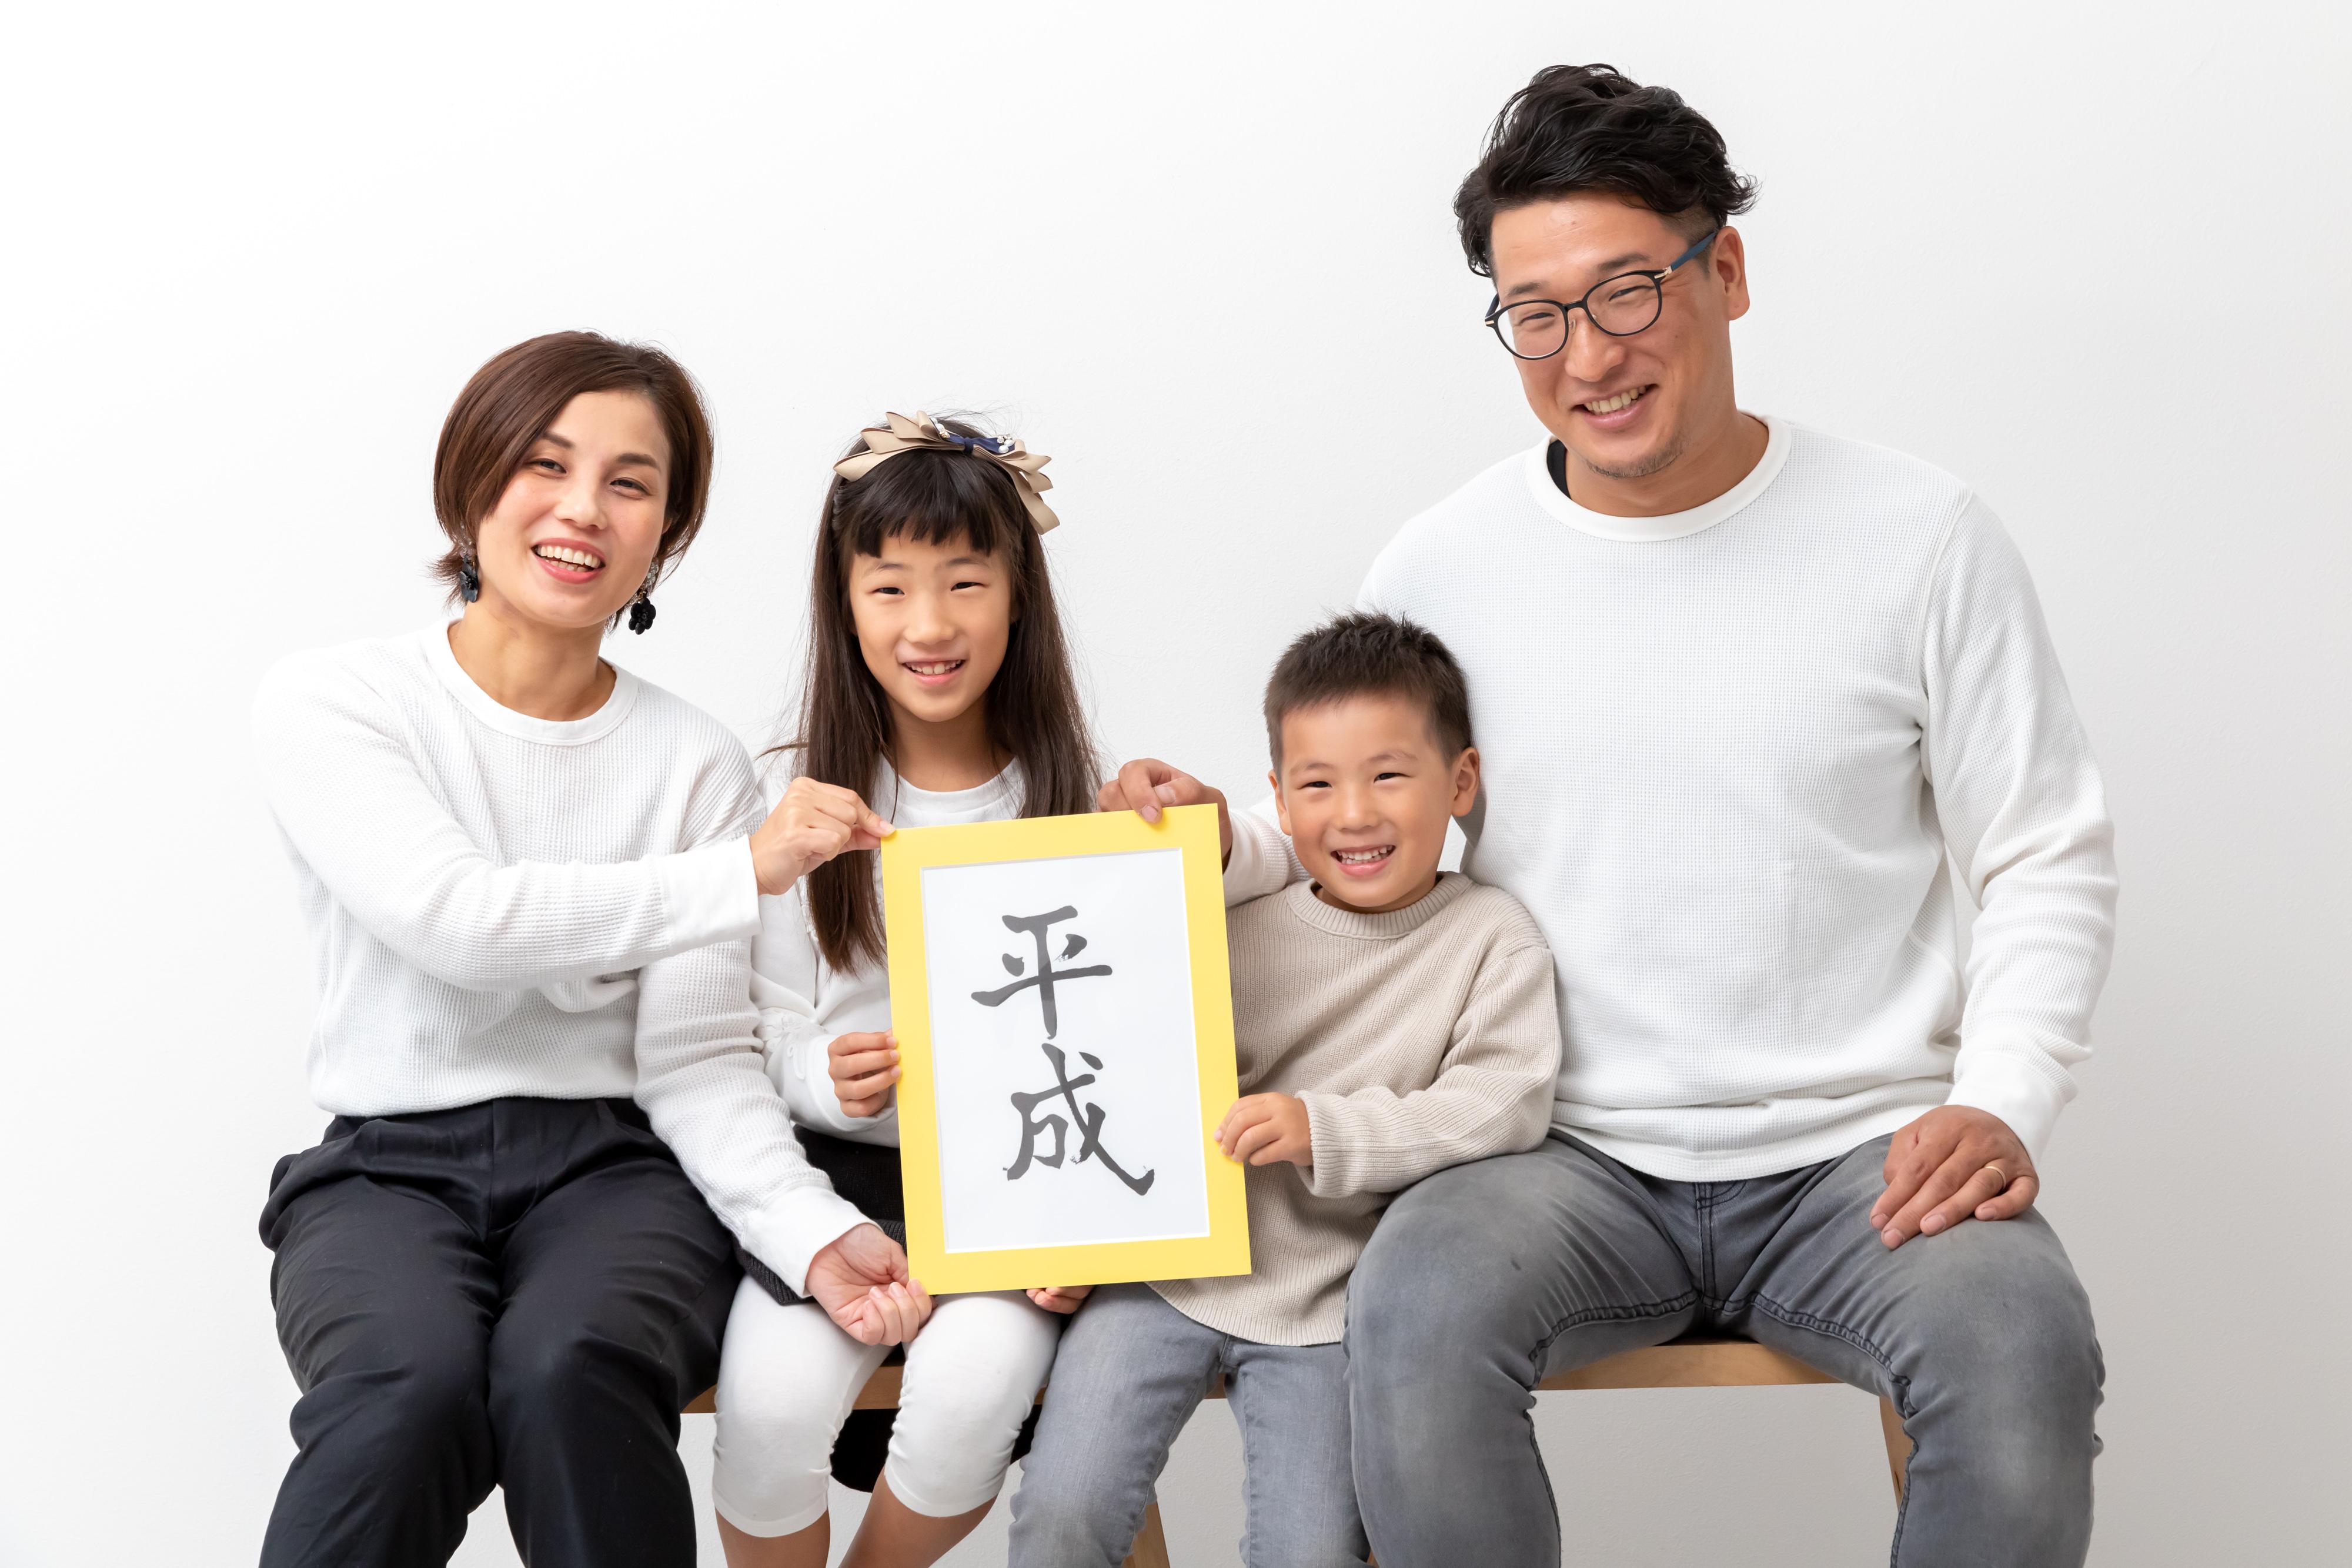 家族写真:スタジオ撮影(パネルセット)